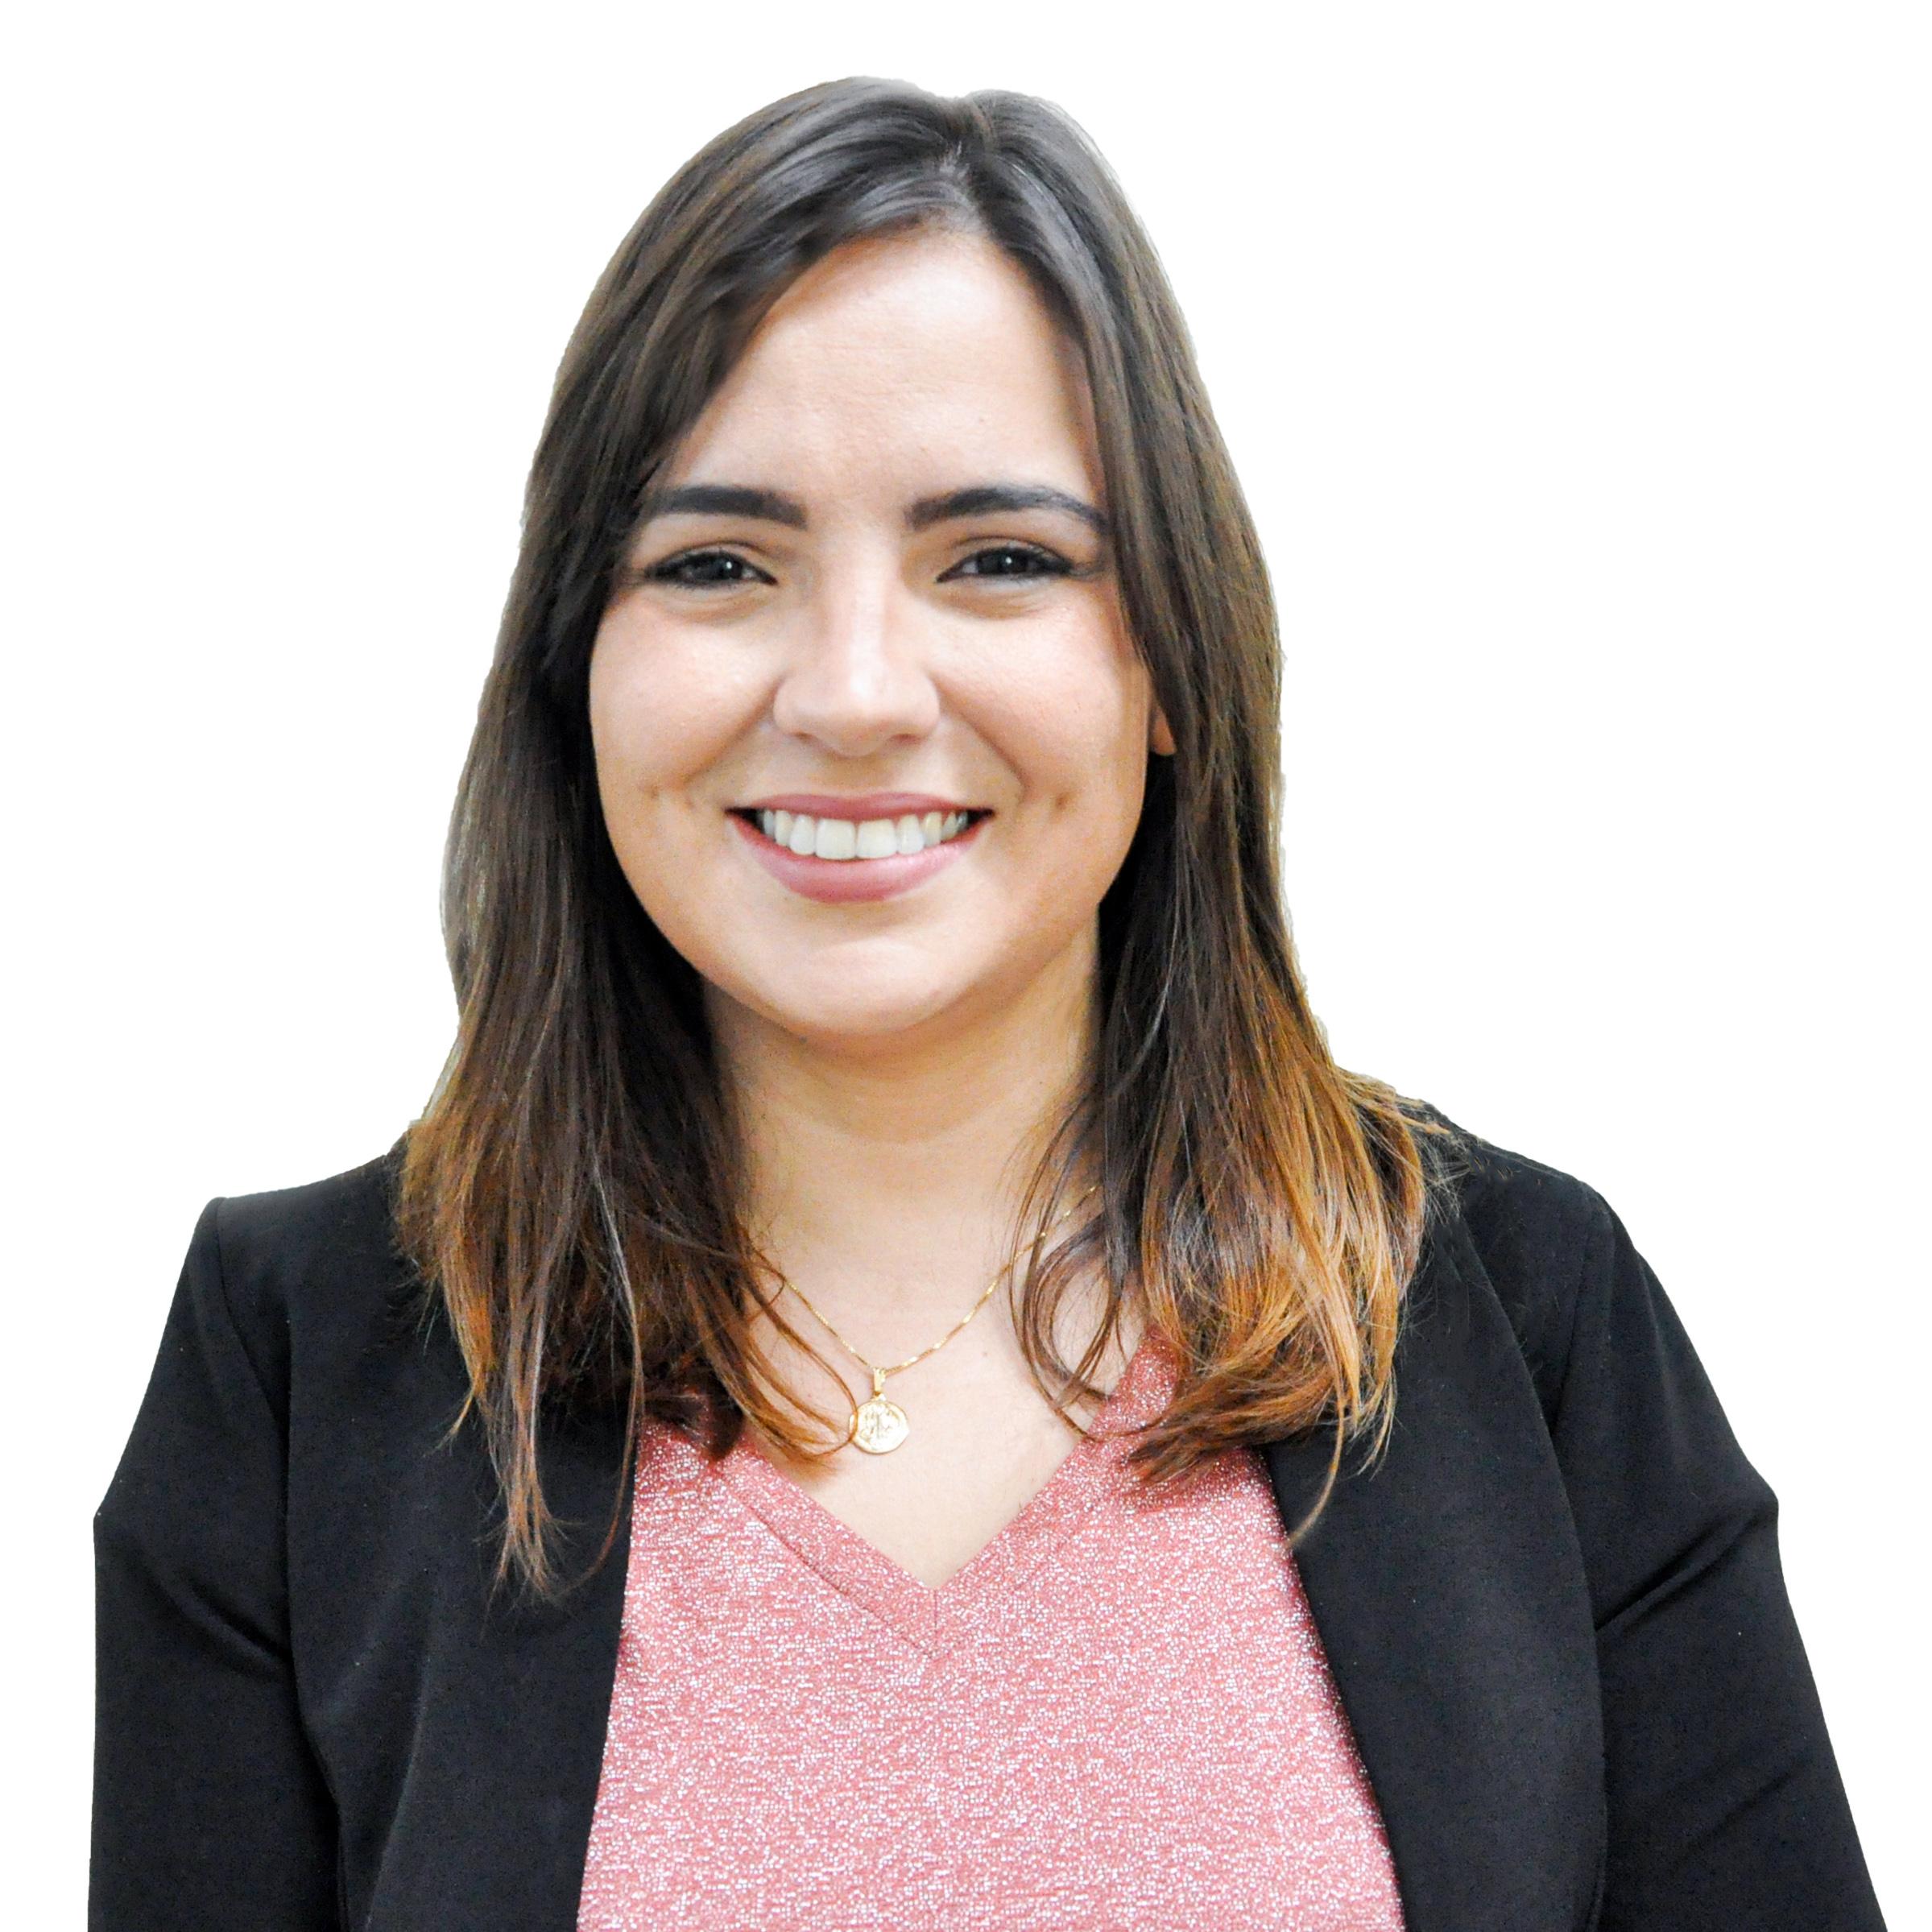 Colunista Beatriz de Mello Massimino Rotta